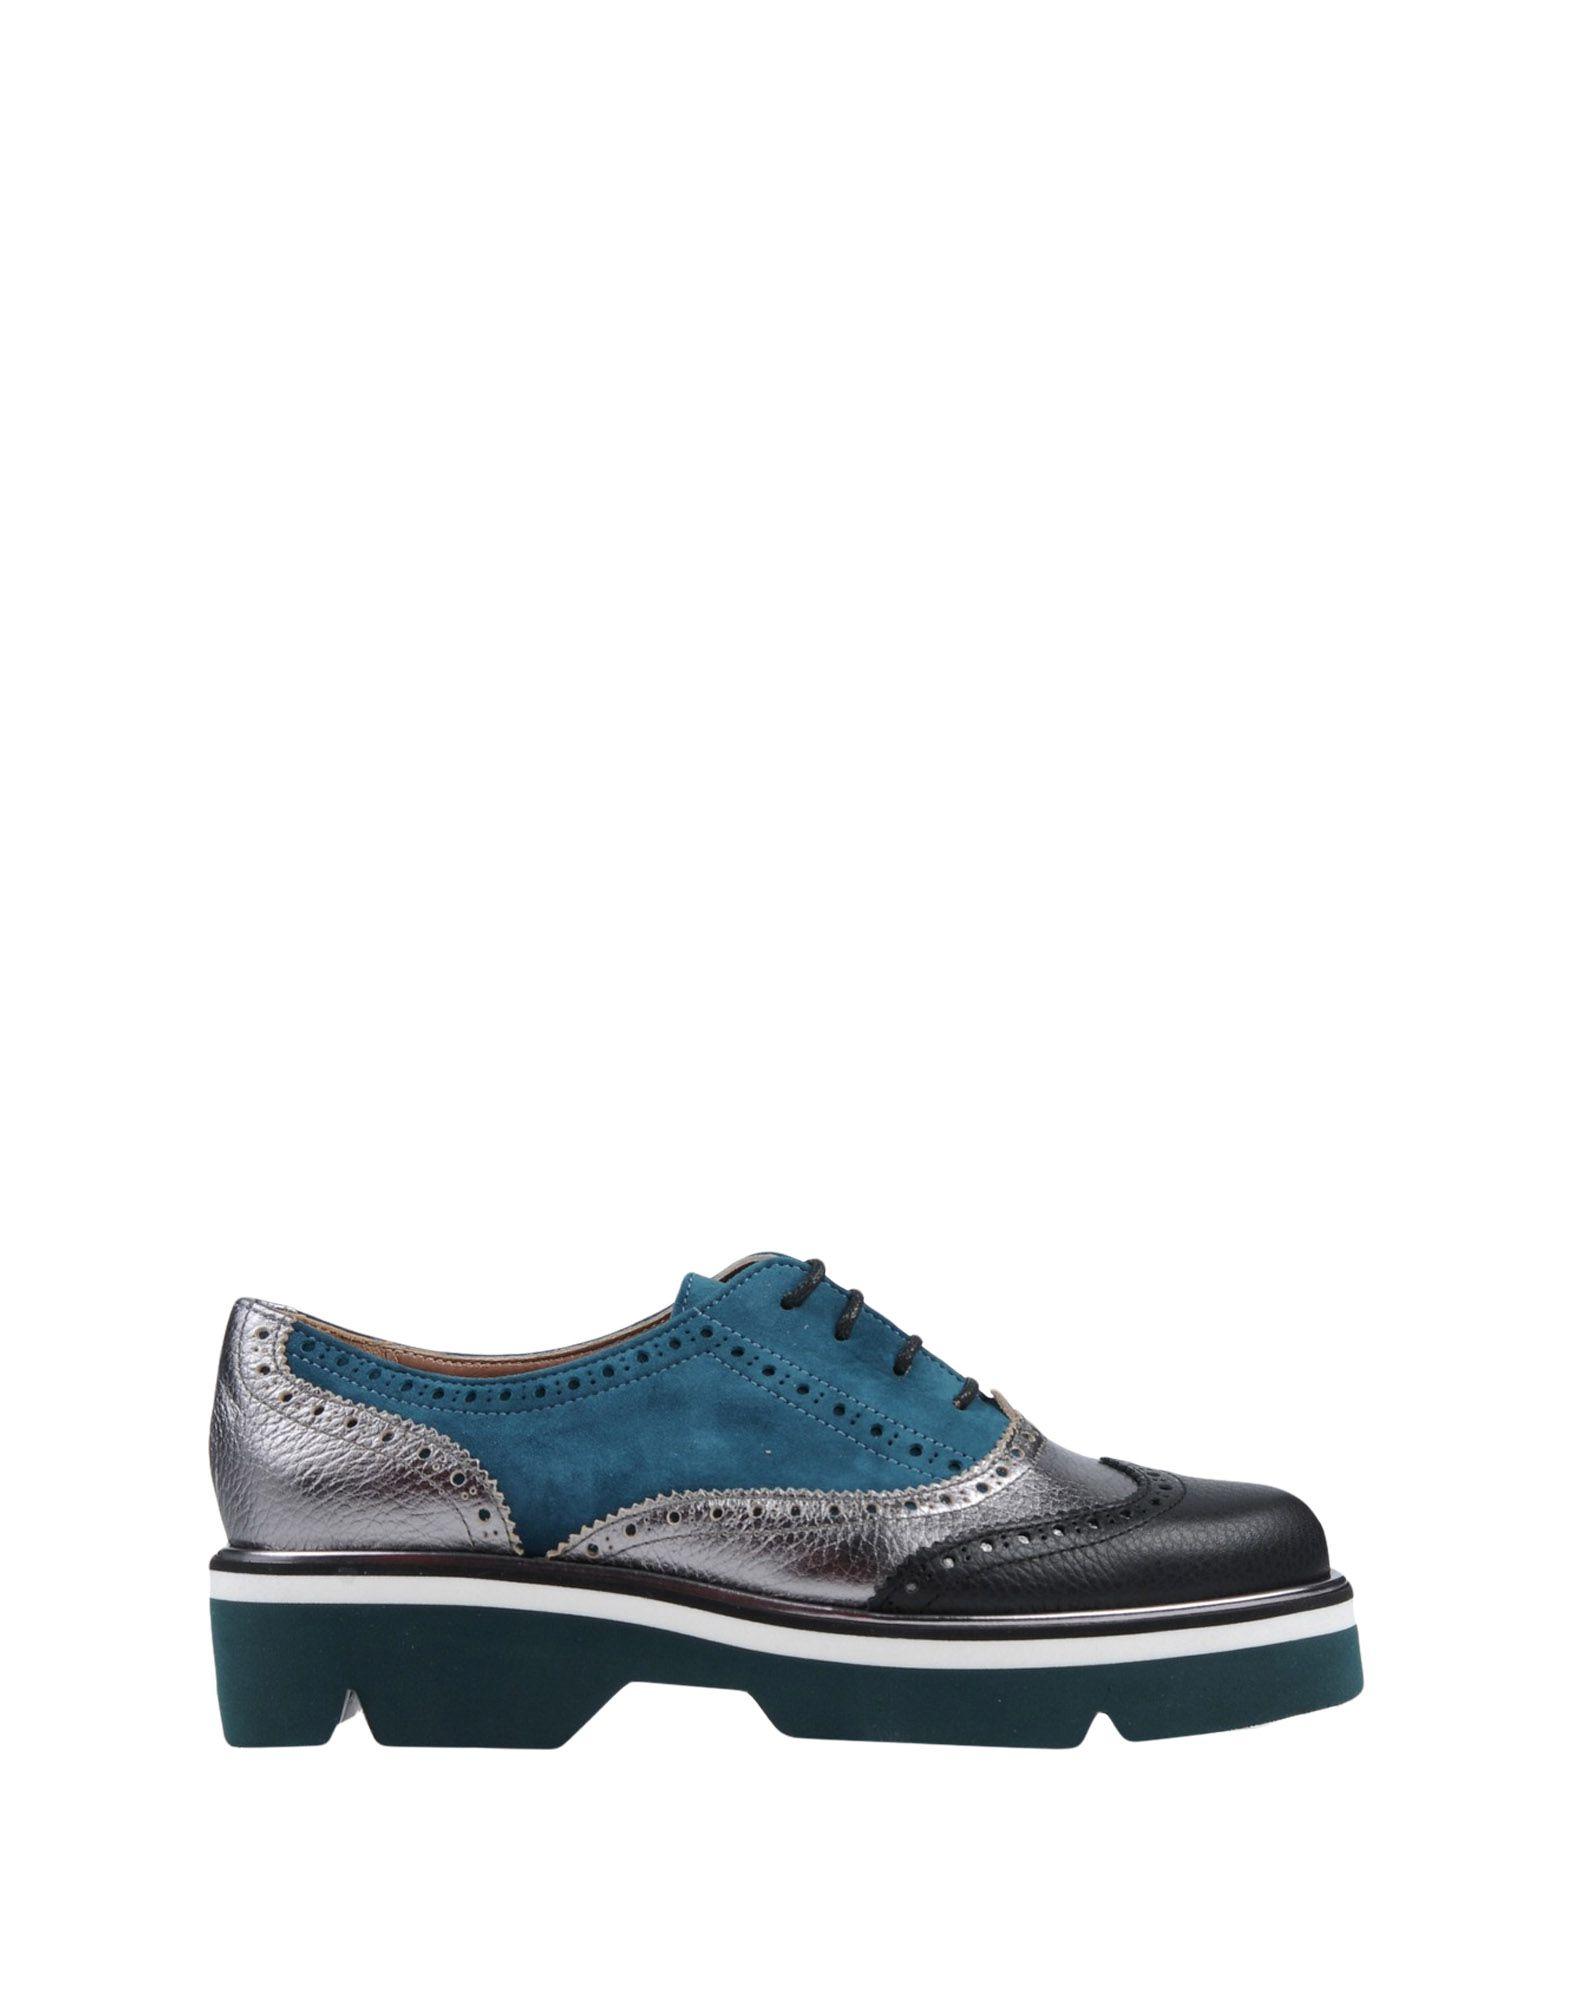 Stilvolle Stilvolle Stilvolle billige Schuhe Pollini Schnürschuhe Damen  11446828PV 68616b